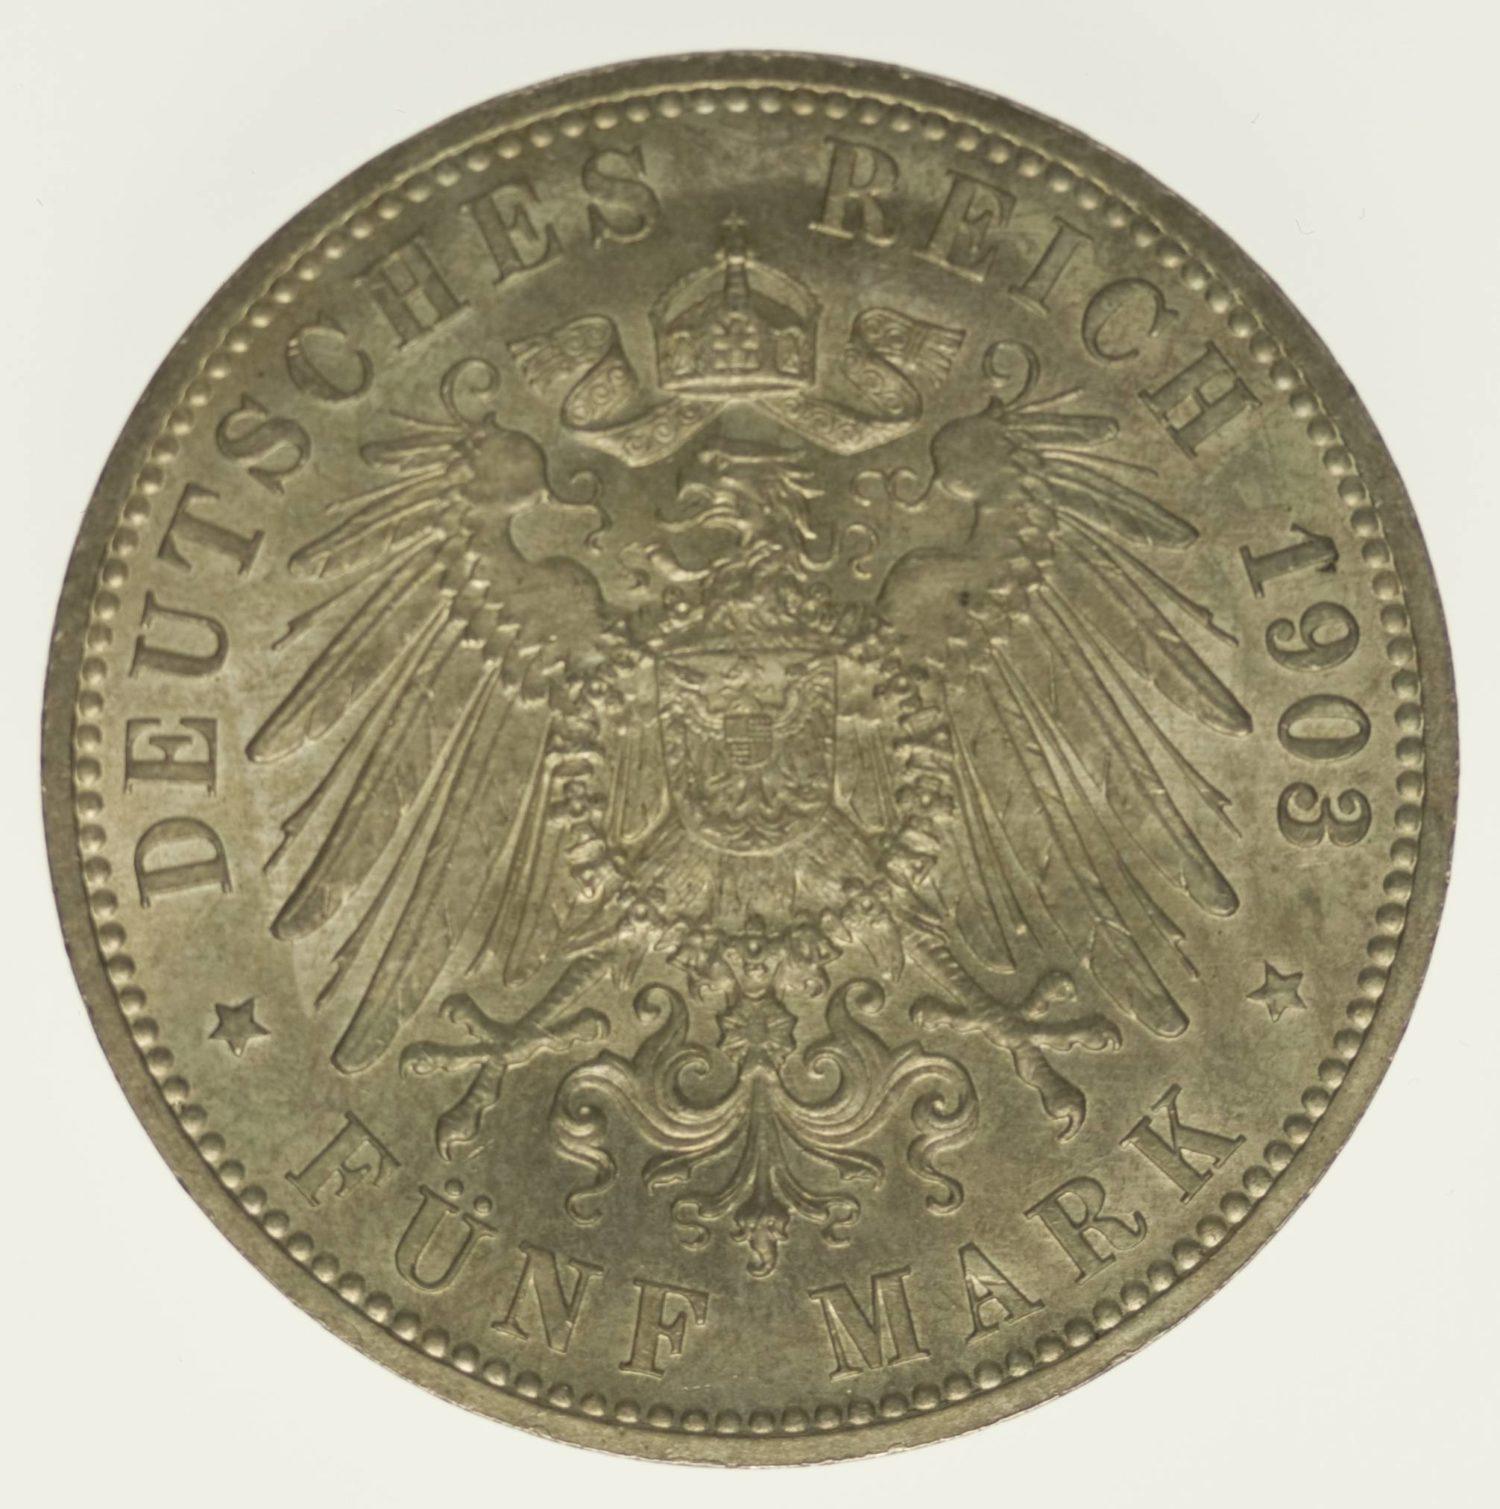 Sachsen Altenburg Ernst 5 Mark 1903 Silber 25 Gramm fein RAR